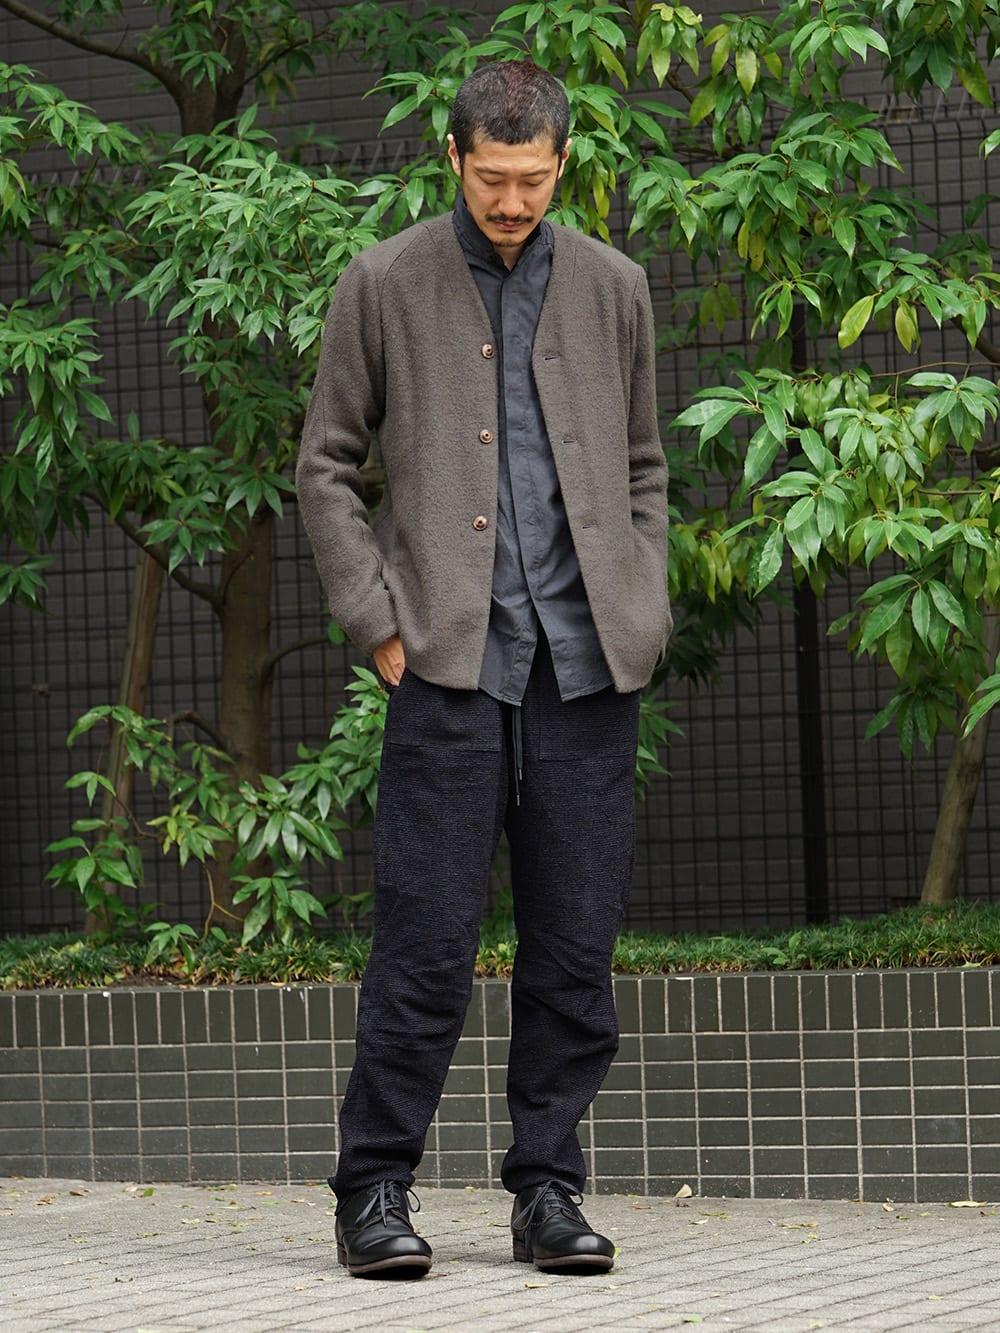 DEVOA 18-19AW Camel / Linen Coat & Jacket style FW18-19-011